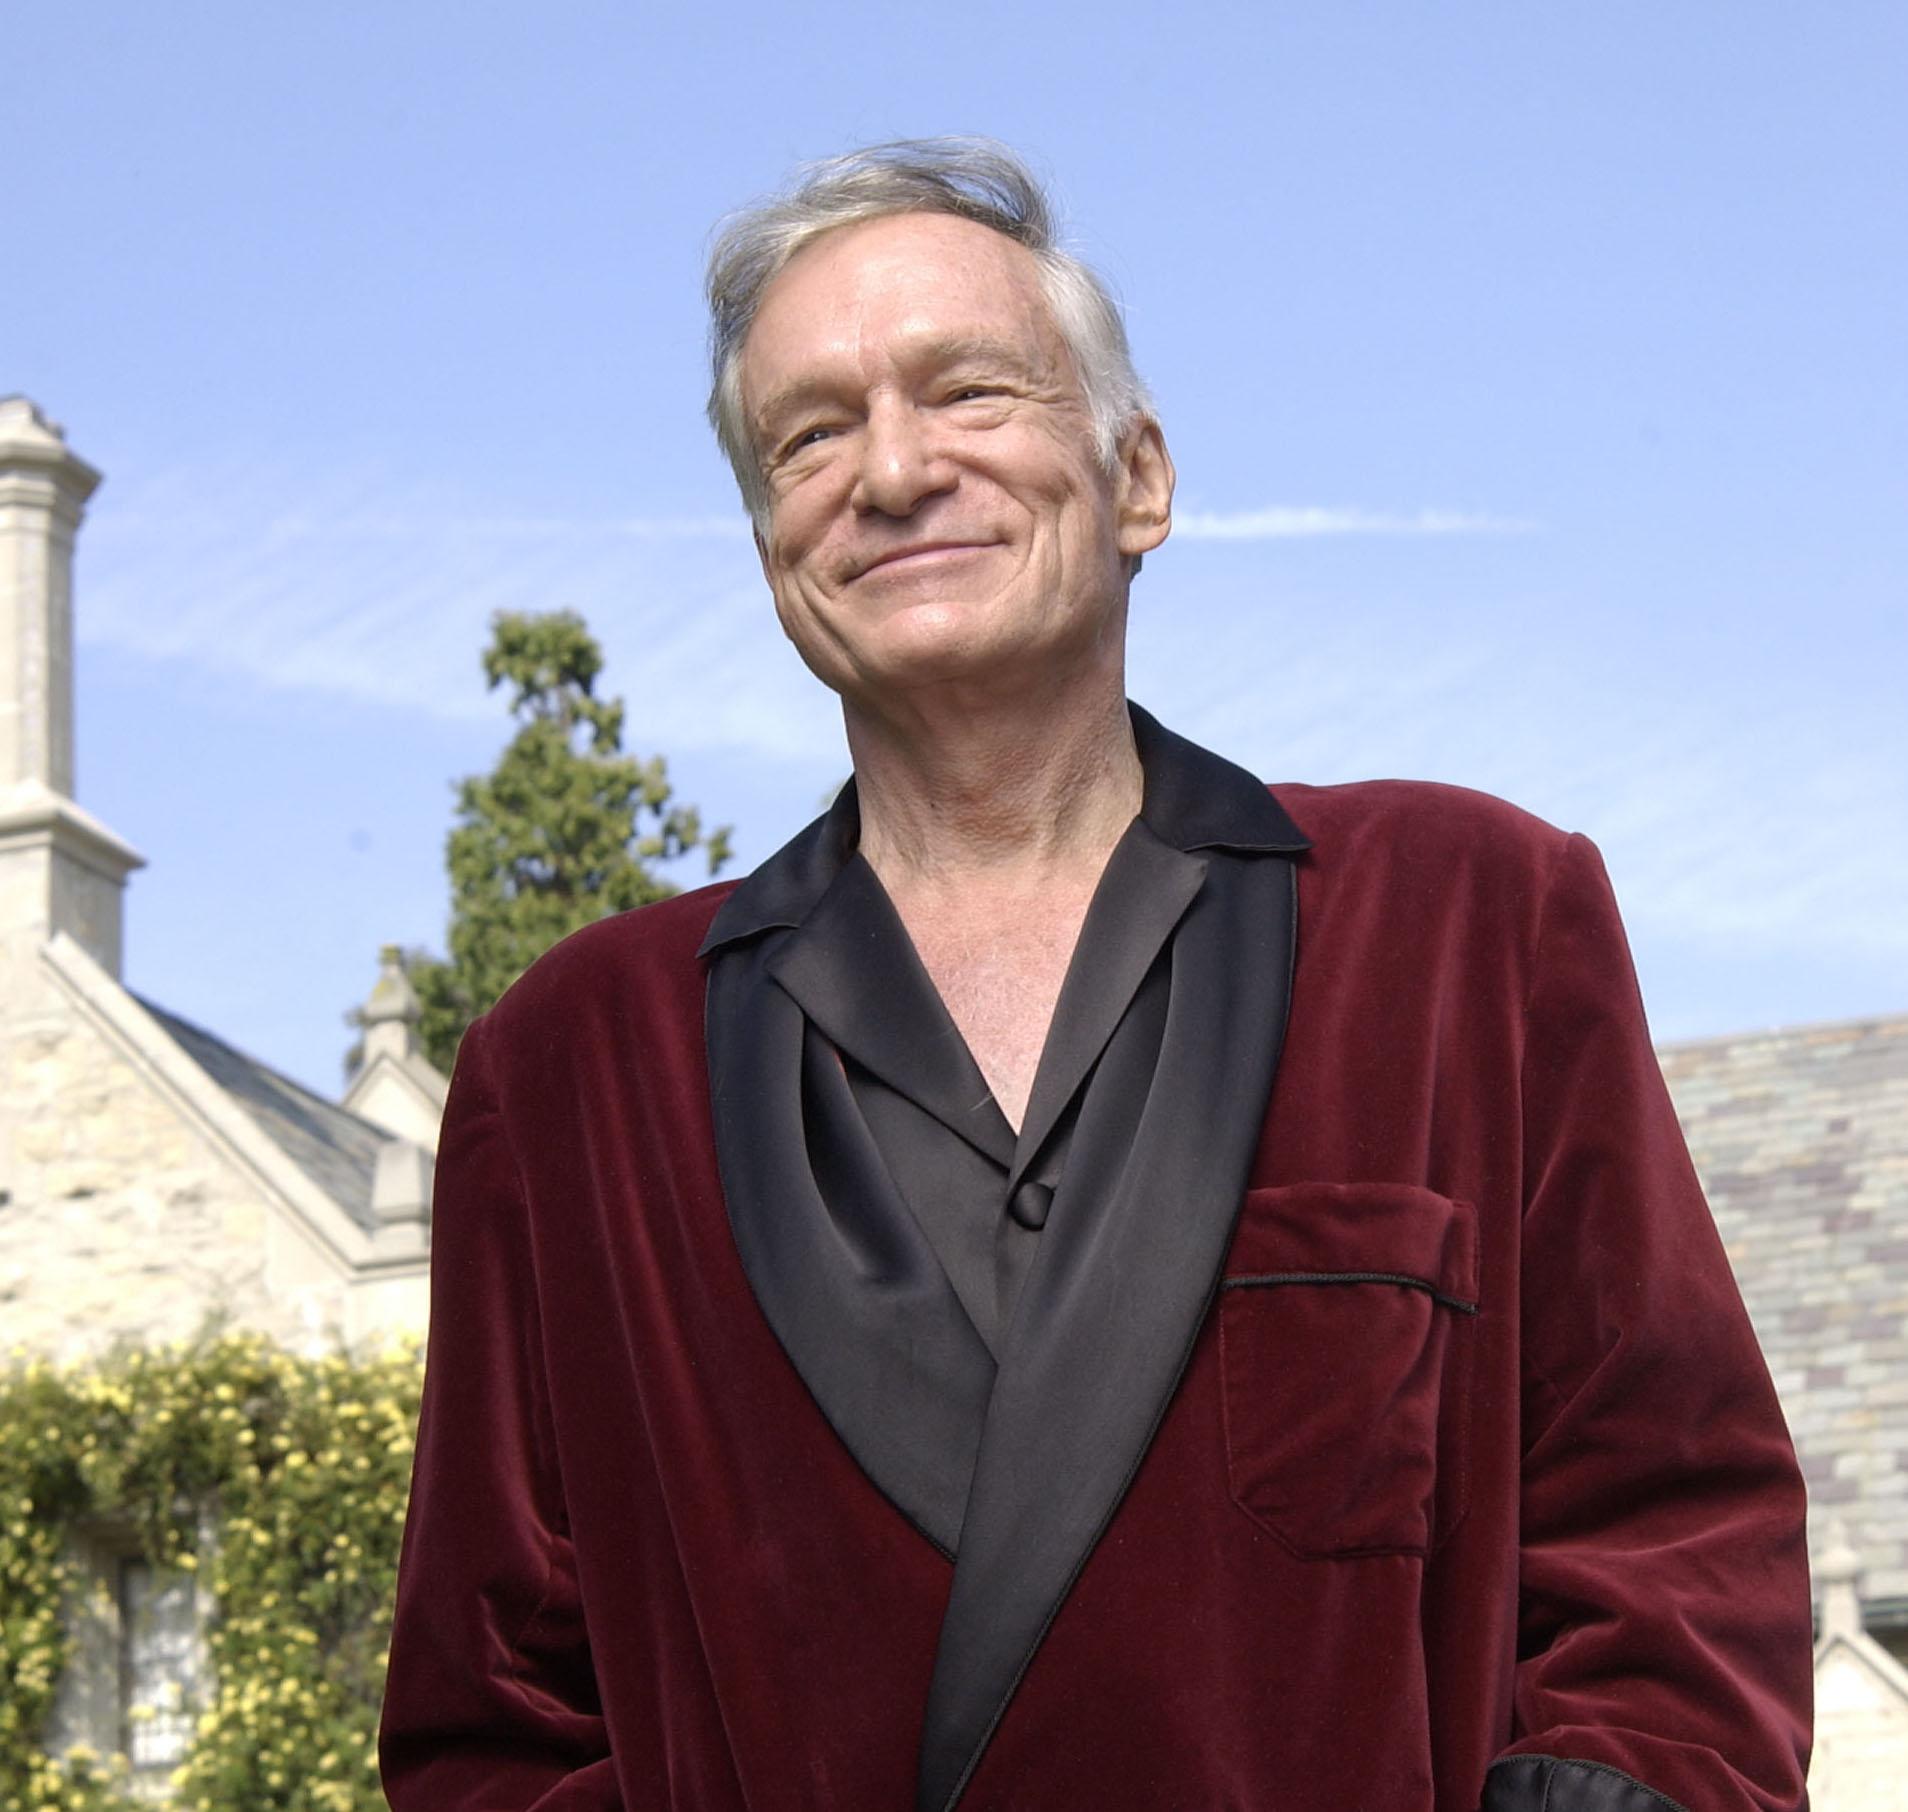 Hugh Hefner in front of Playboy Mansion